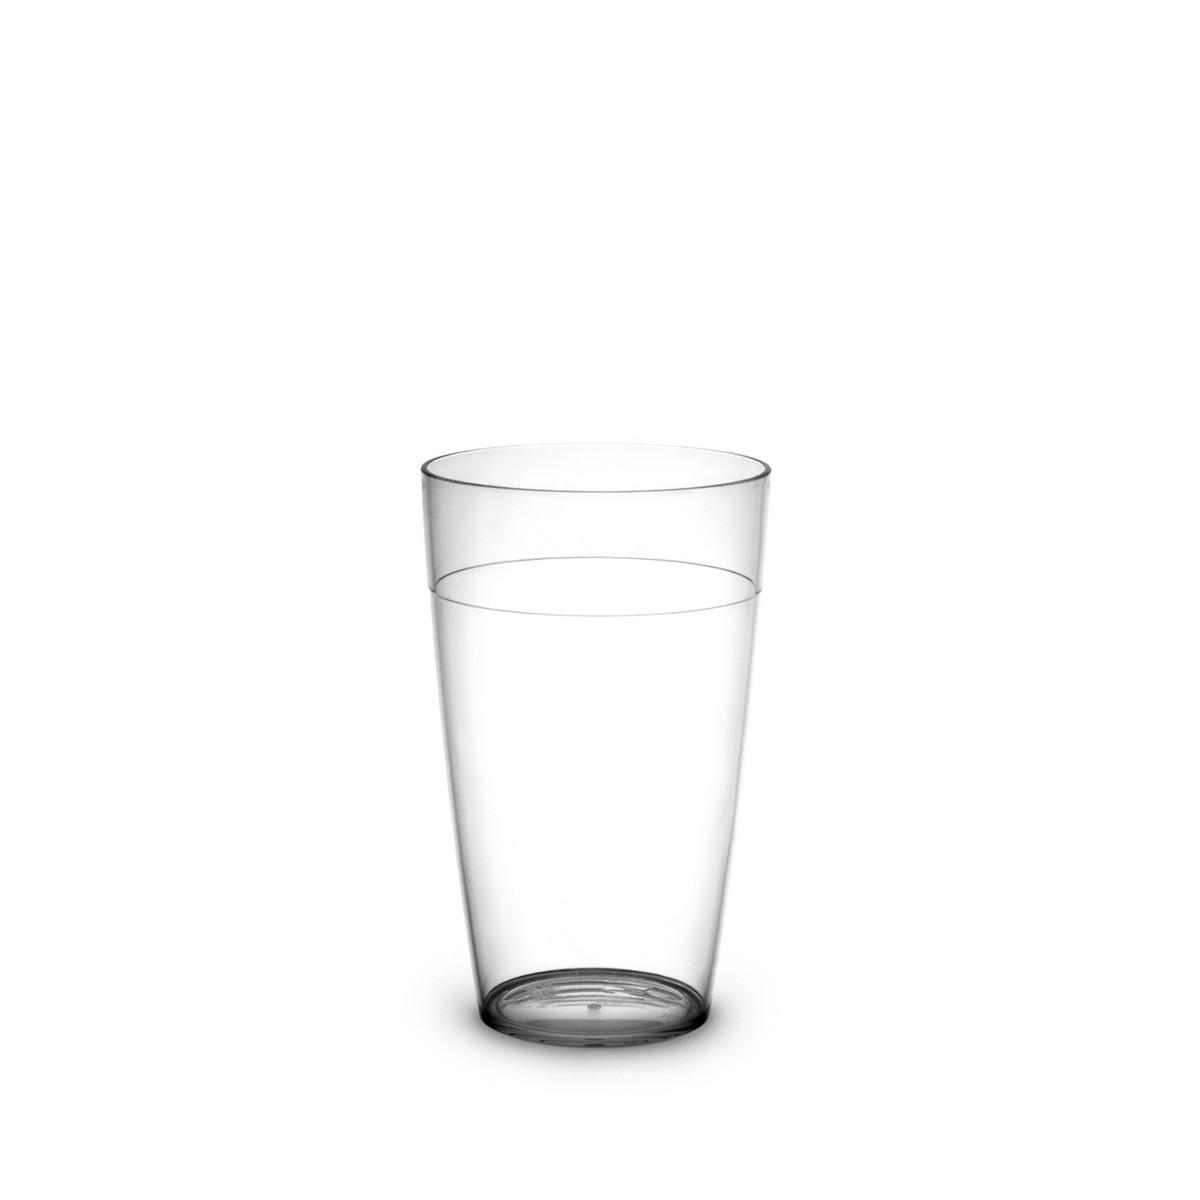 Gobelet transparent incassable et personnalisable.